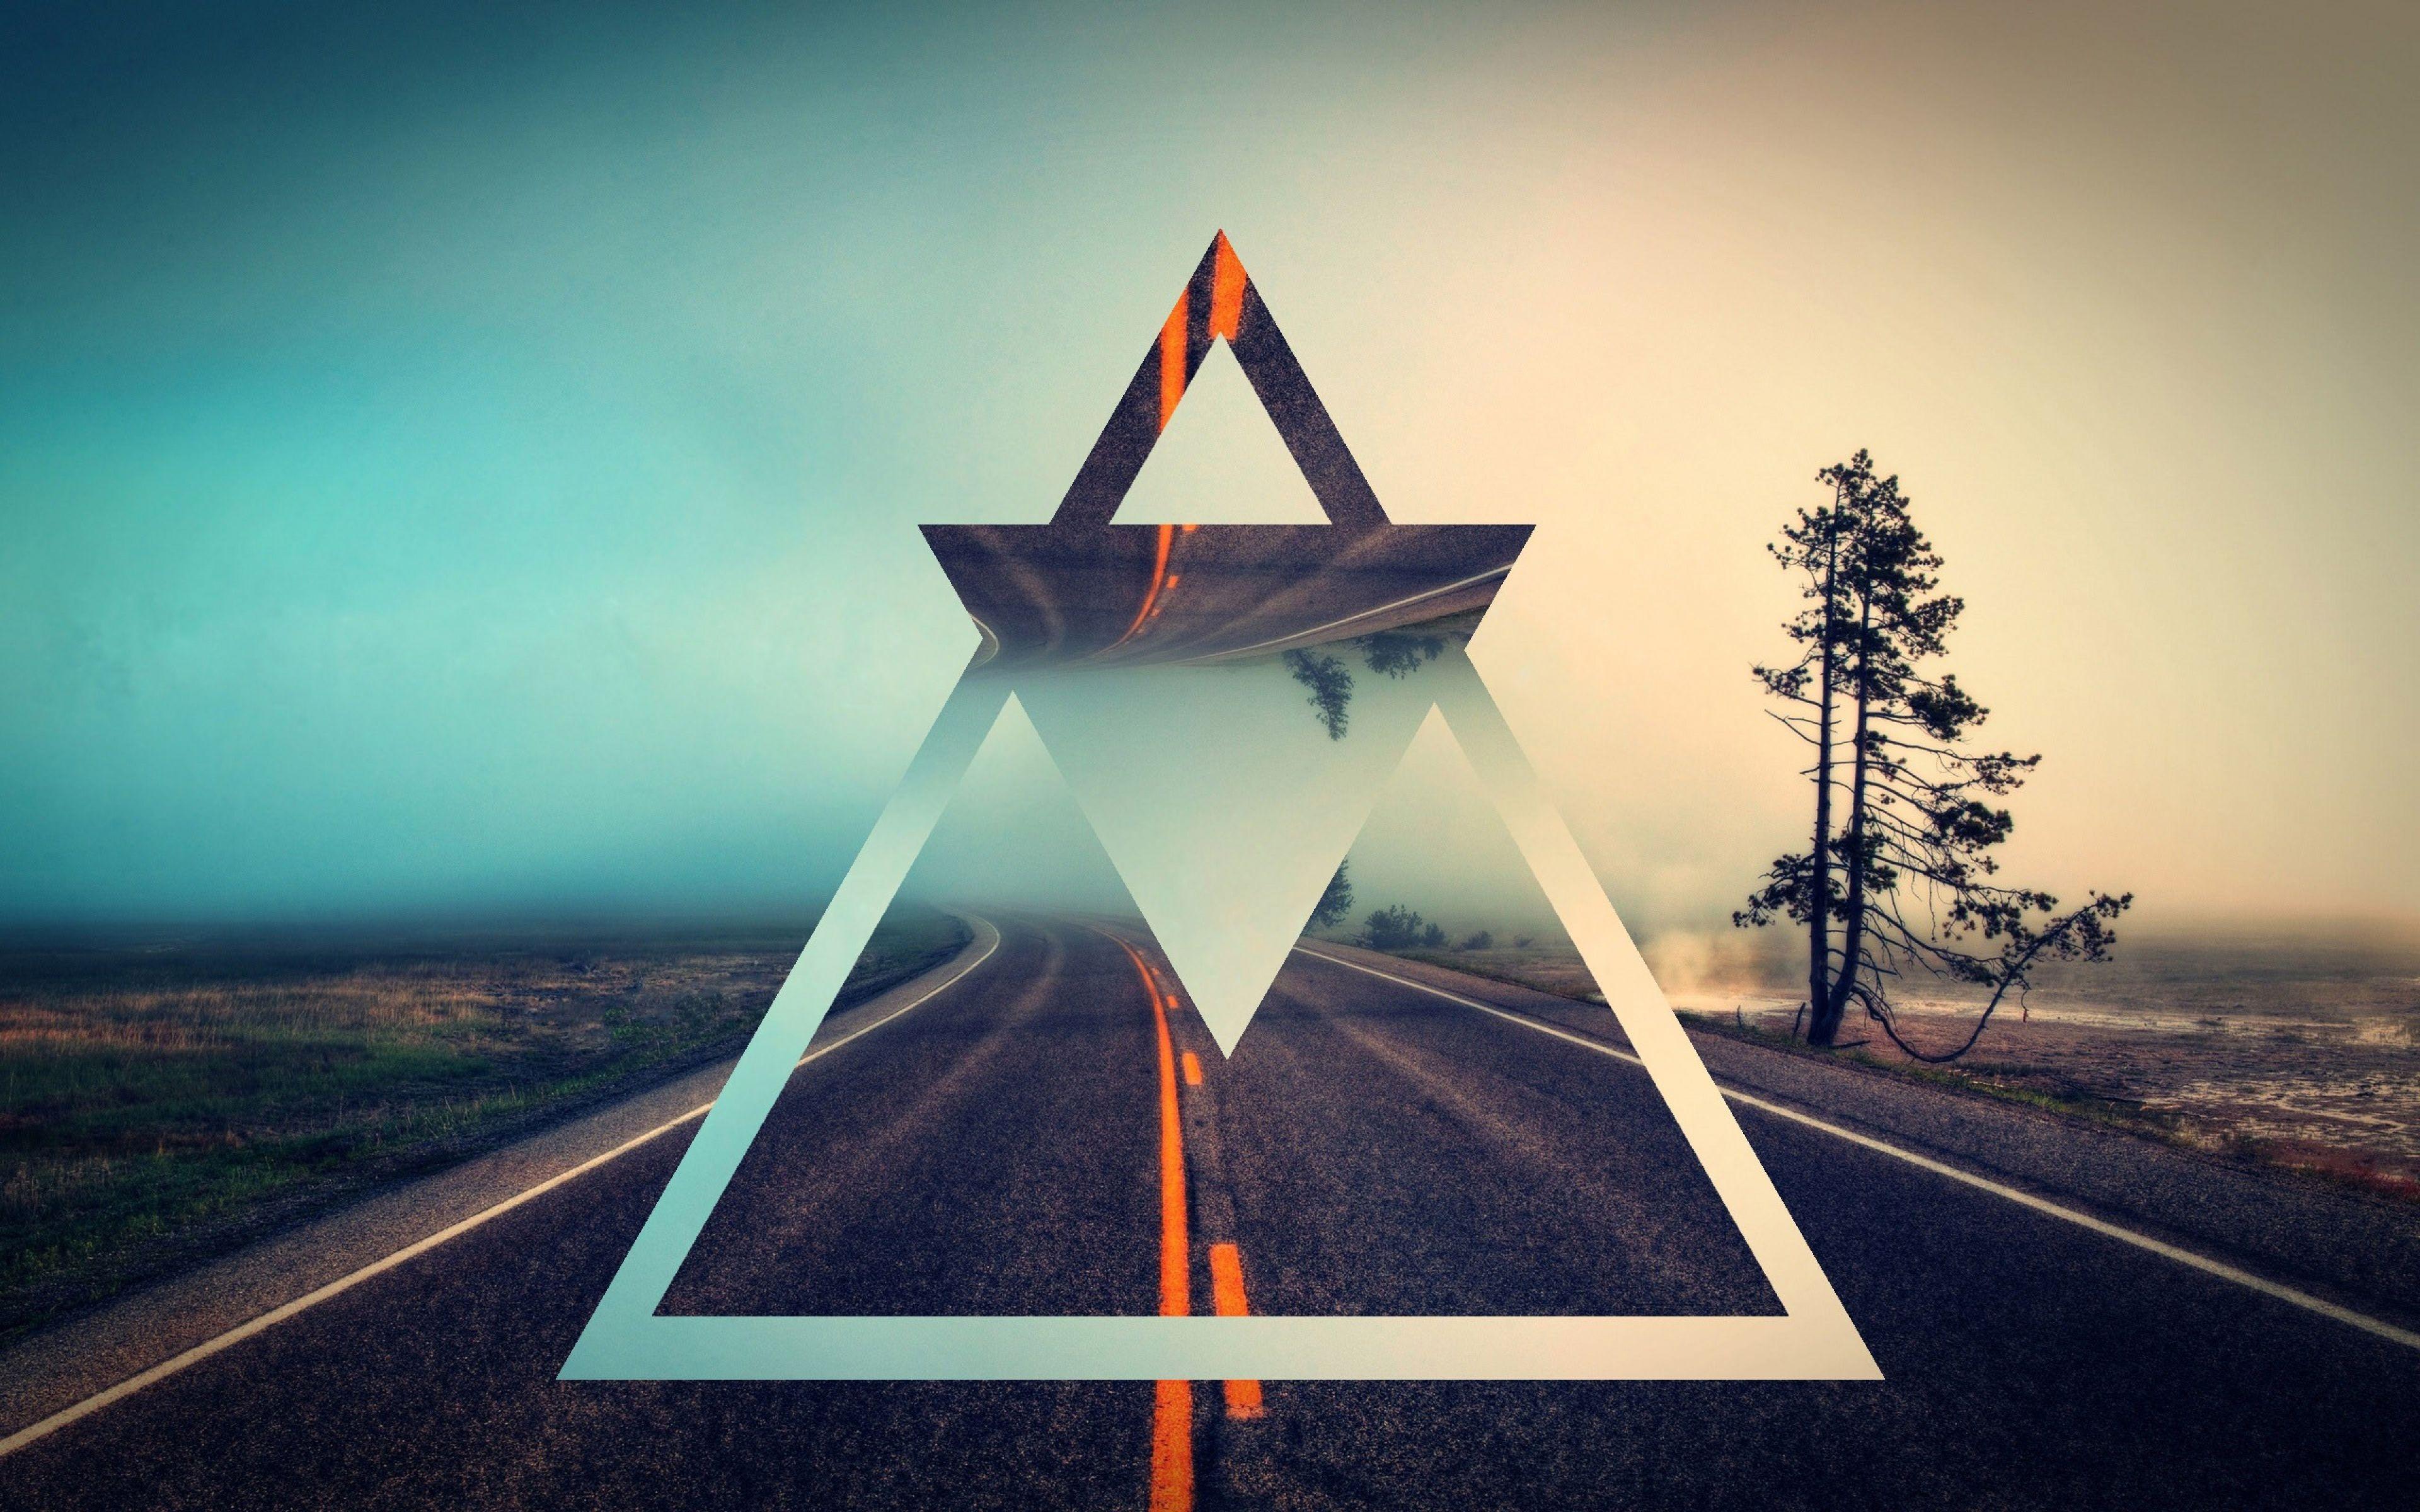 Fondos de pantalla Carretera triángulos